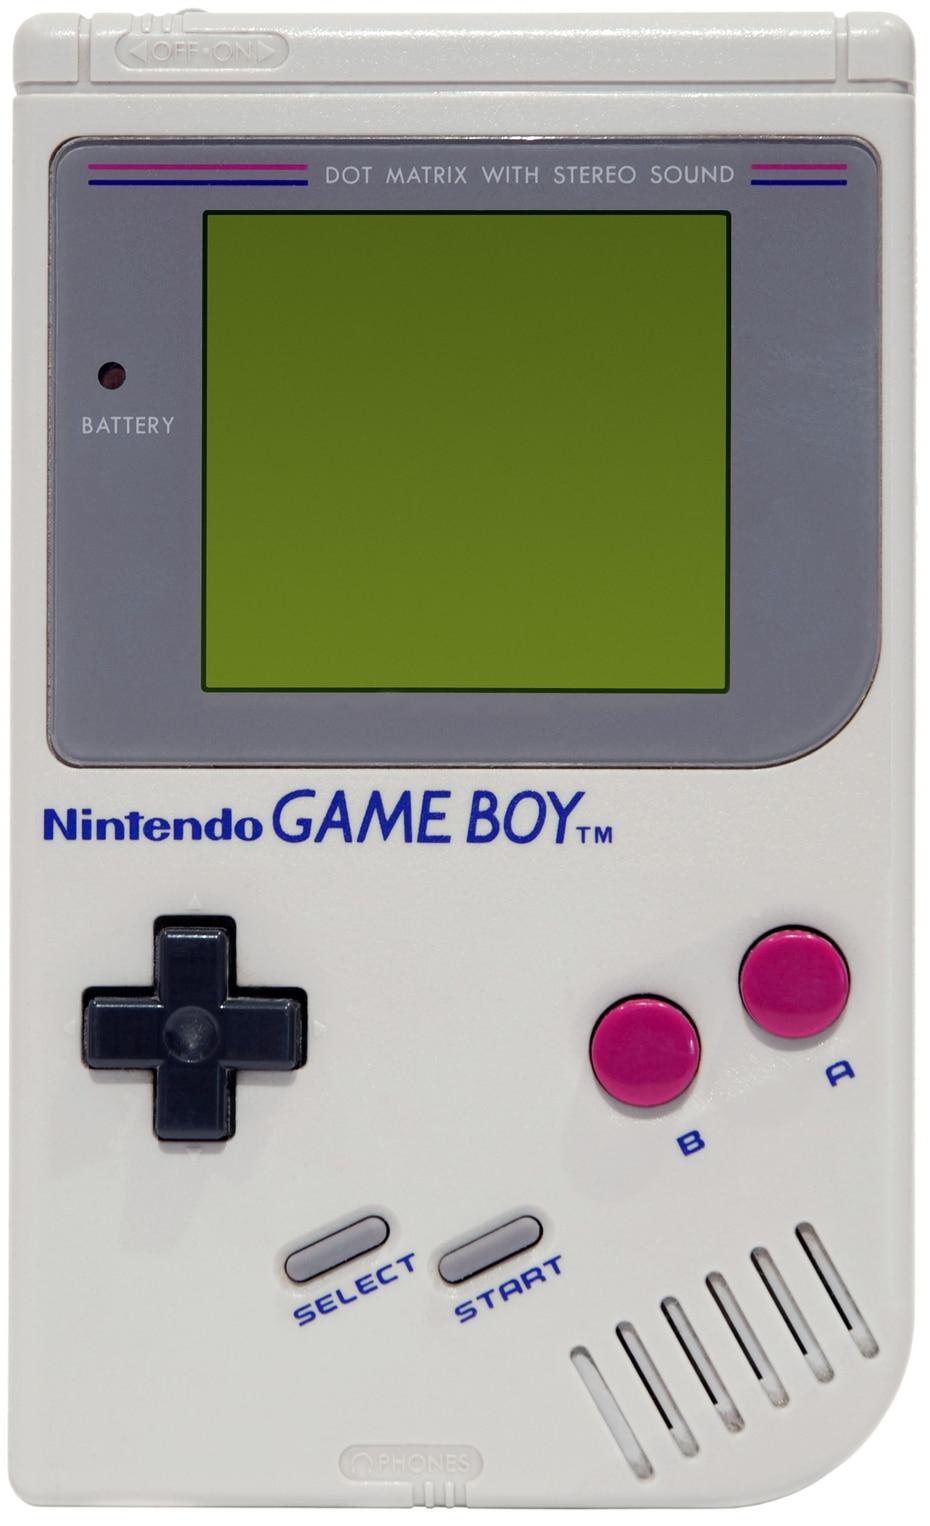 La videoconsola portátil Game Boy, desarrollada por Nintendo, debutó en 1989. (Archivo GFR Media)